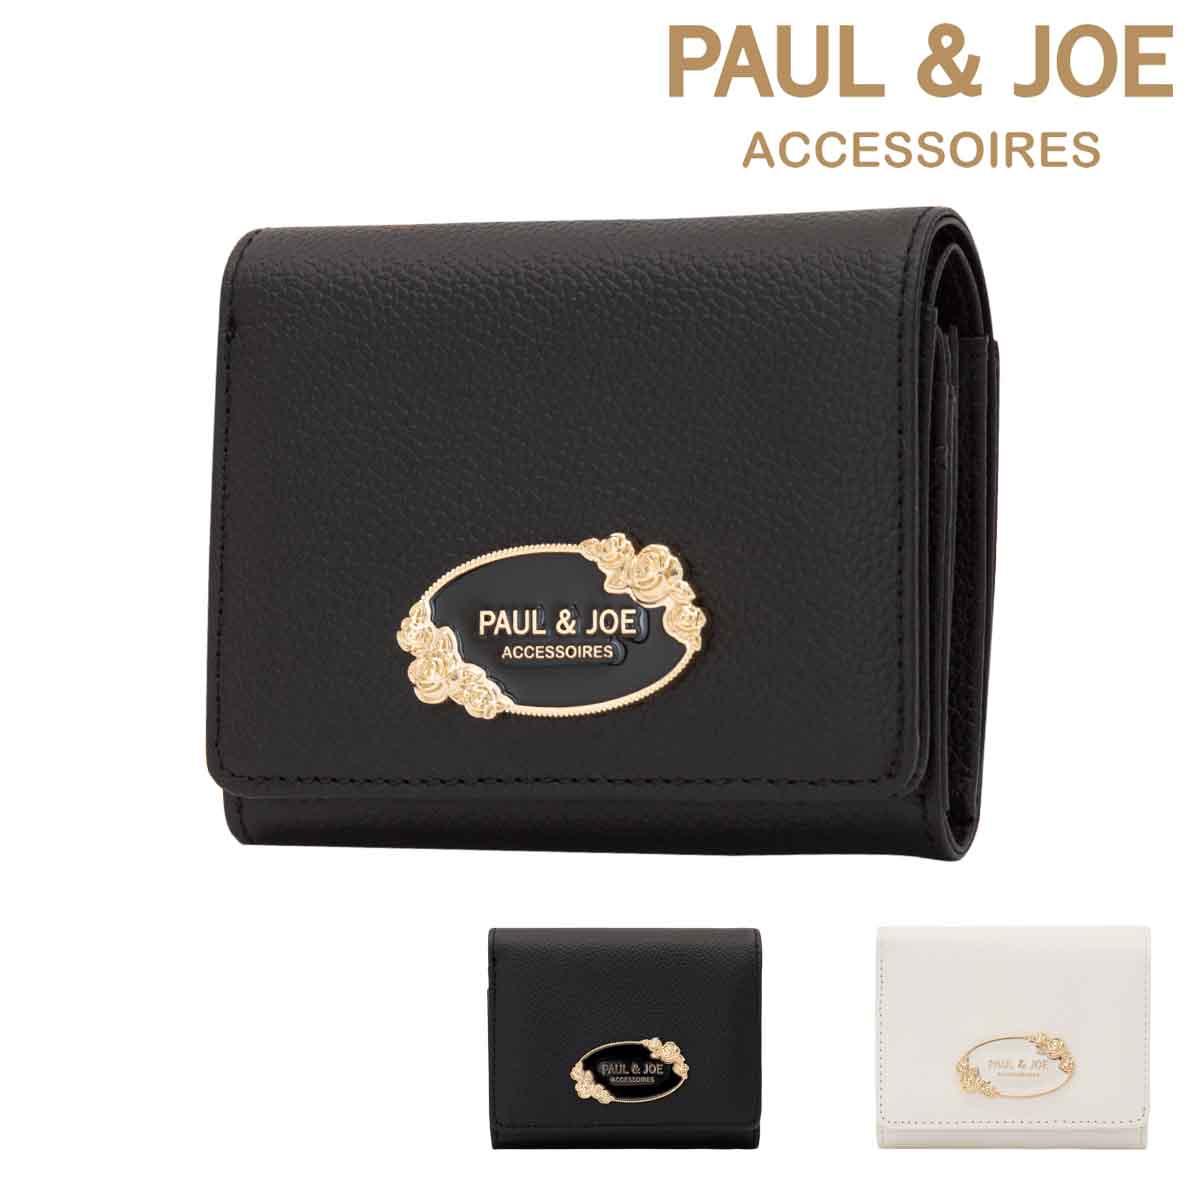 ポールアンドジョーアクセソワ 二つ折り財布 フラワーメタル レディース PJA-W182 PAUL&JOE ACCESSOIRES   ミニ財布 本革 牛革 レザー[bef]